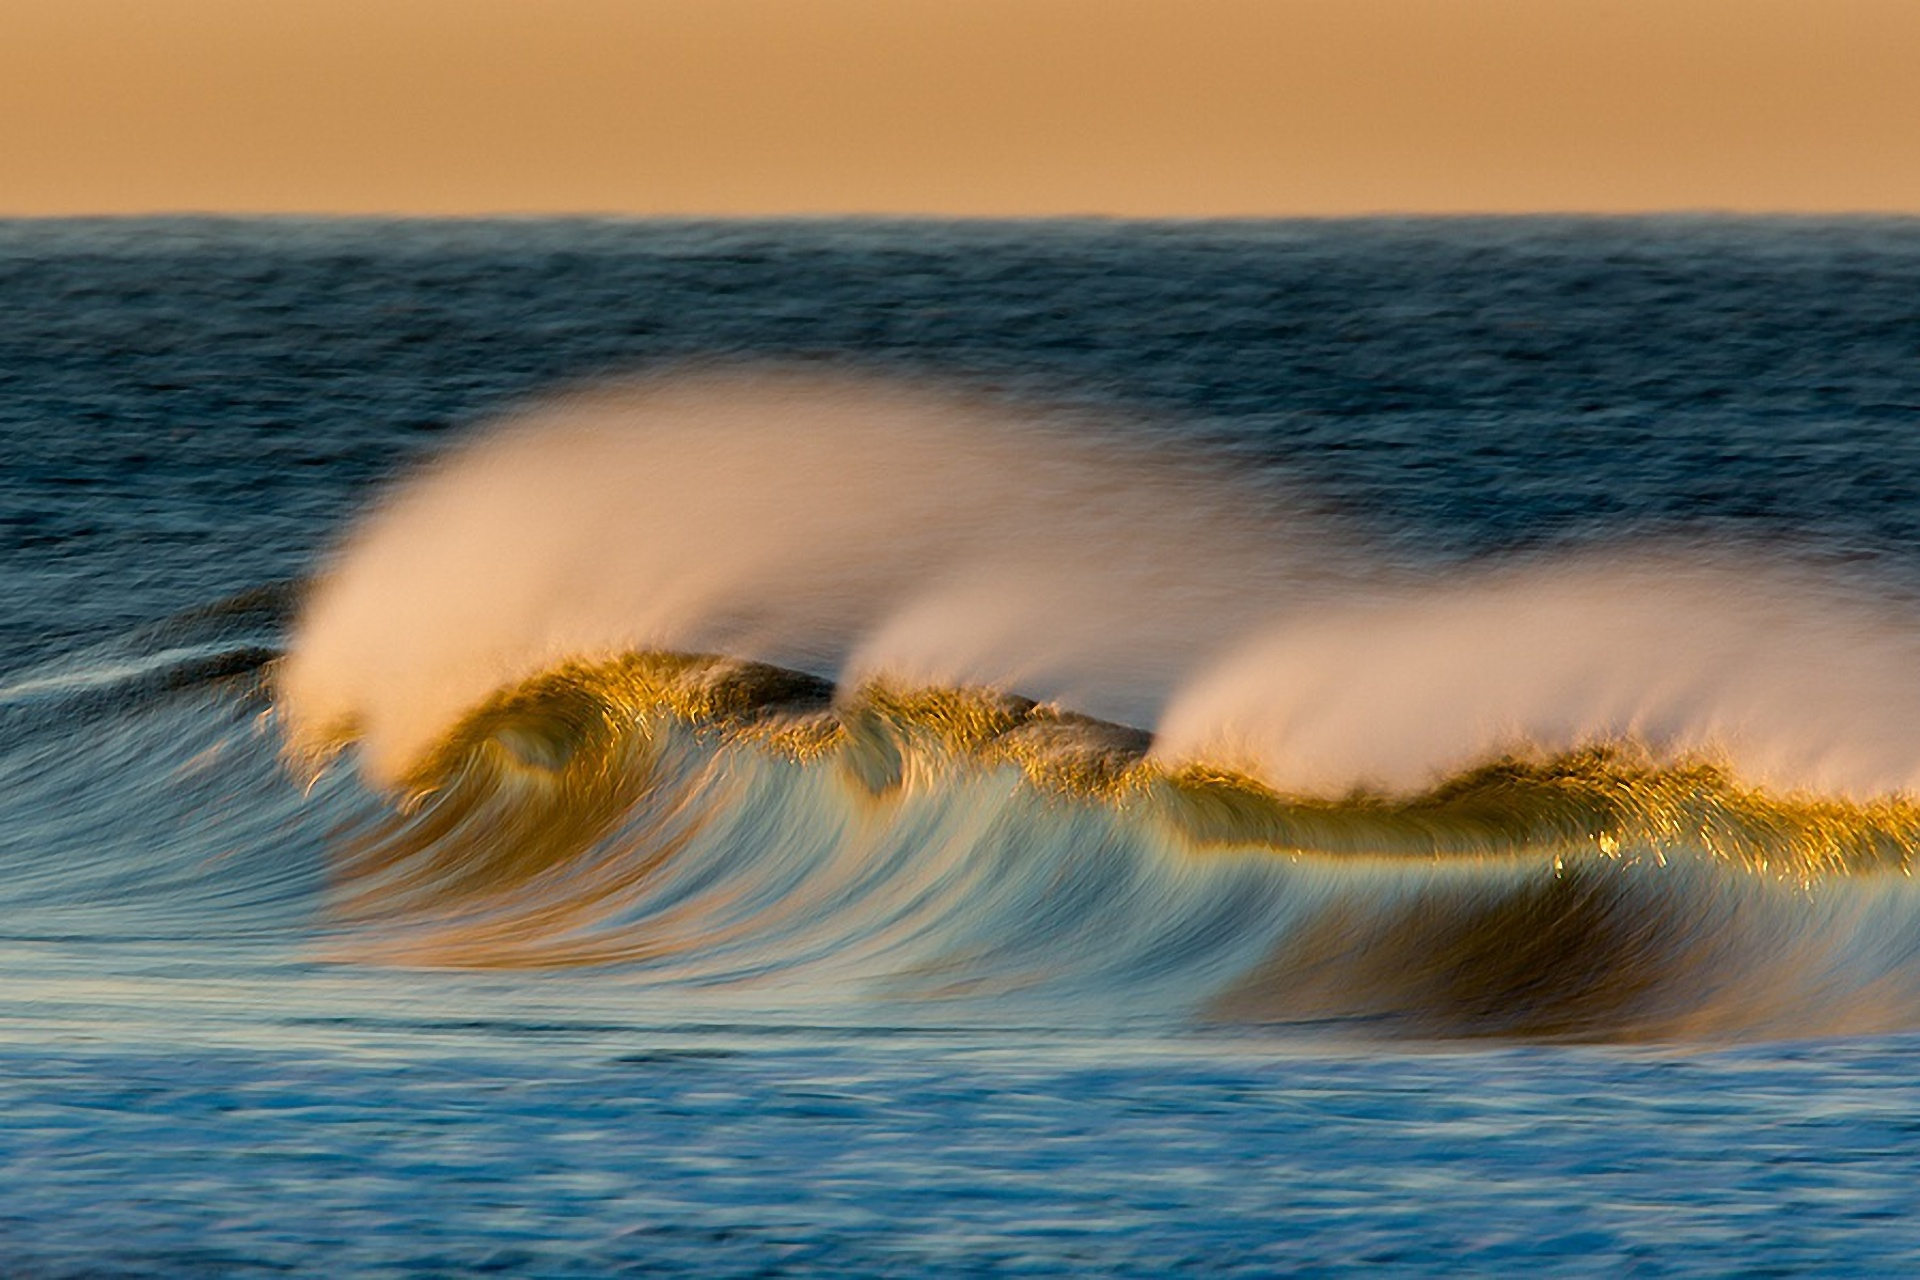 фото с волной морской тамилы социальных